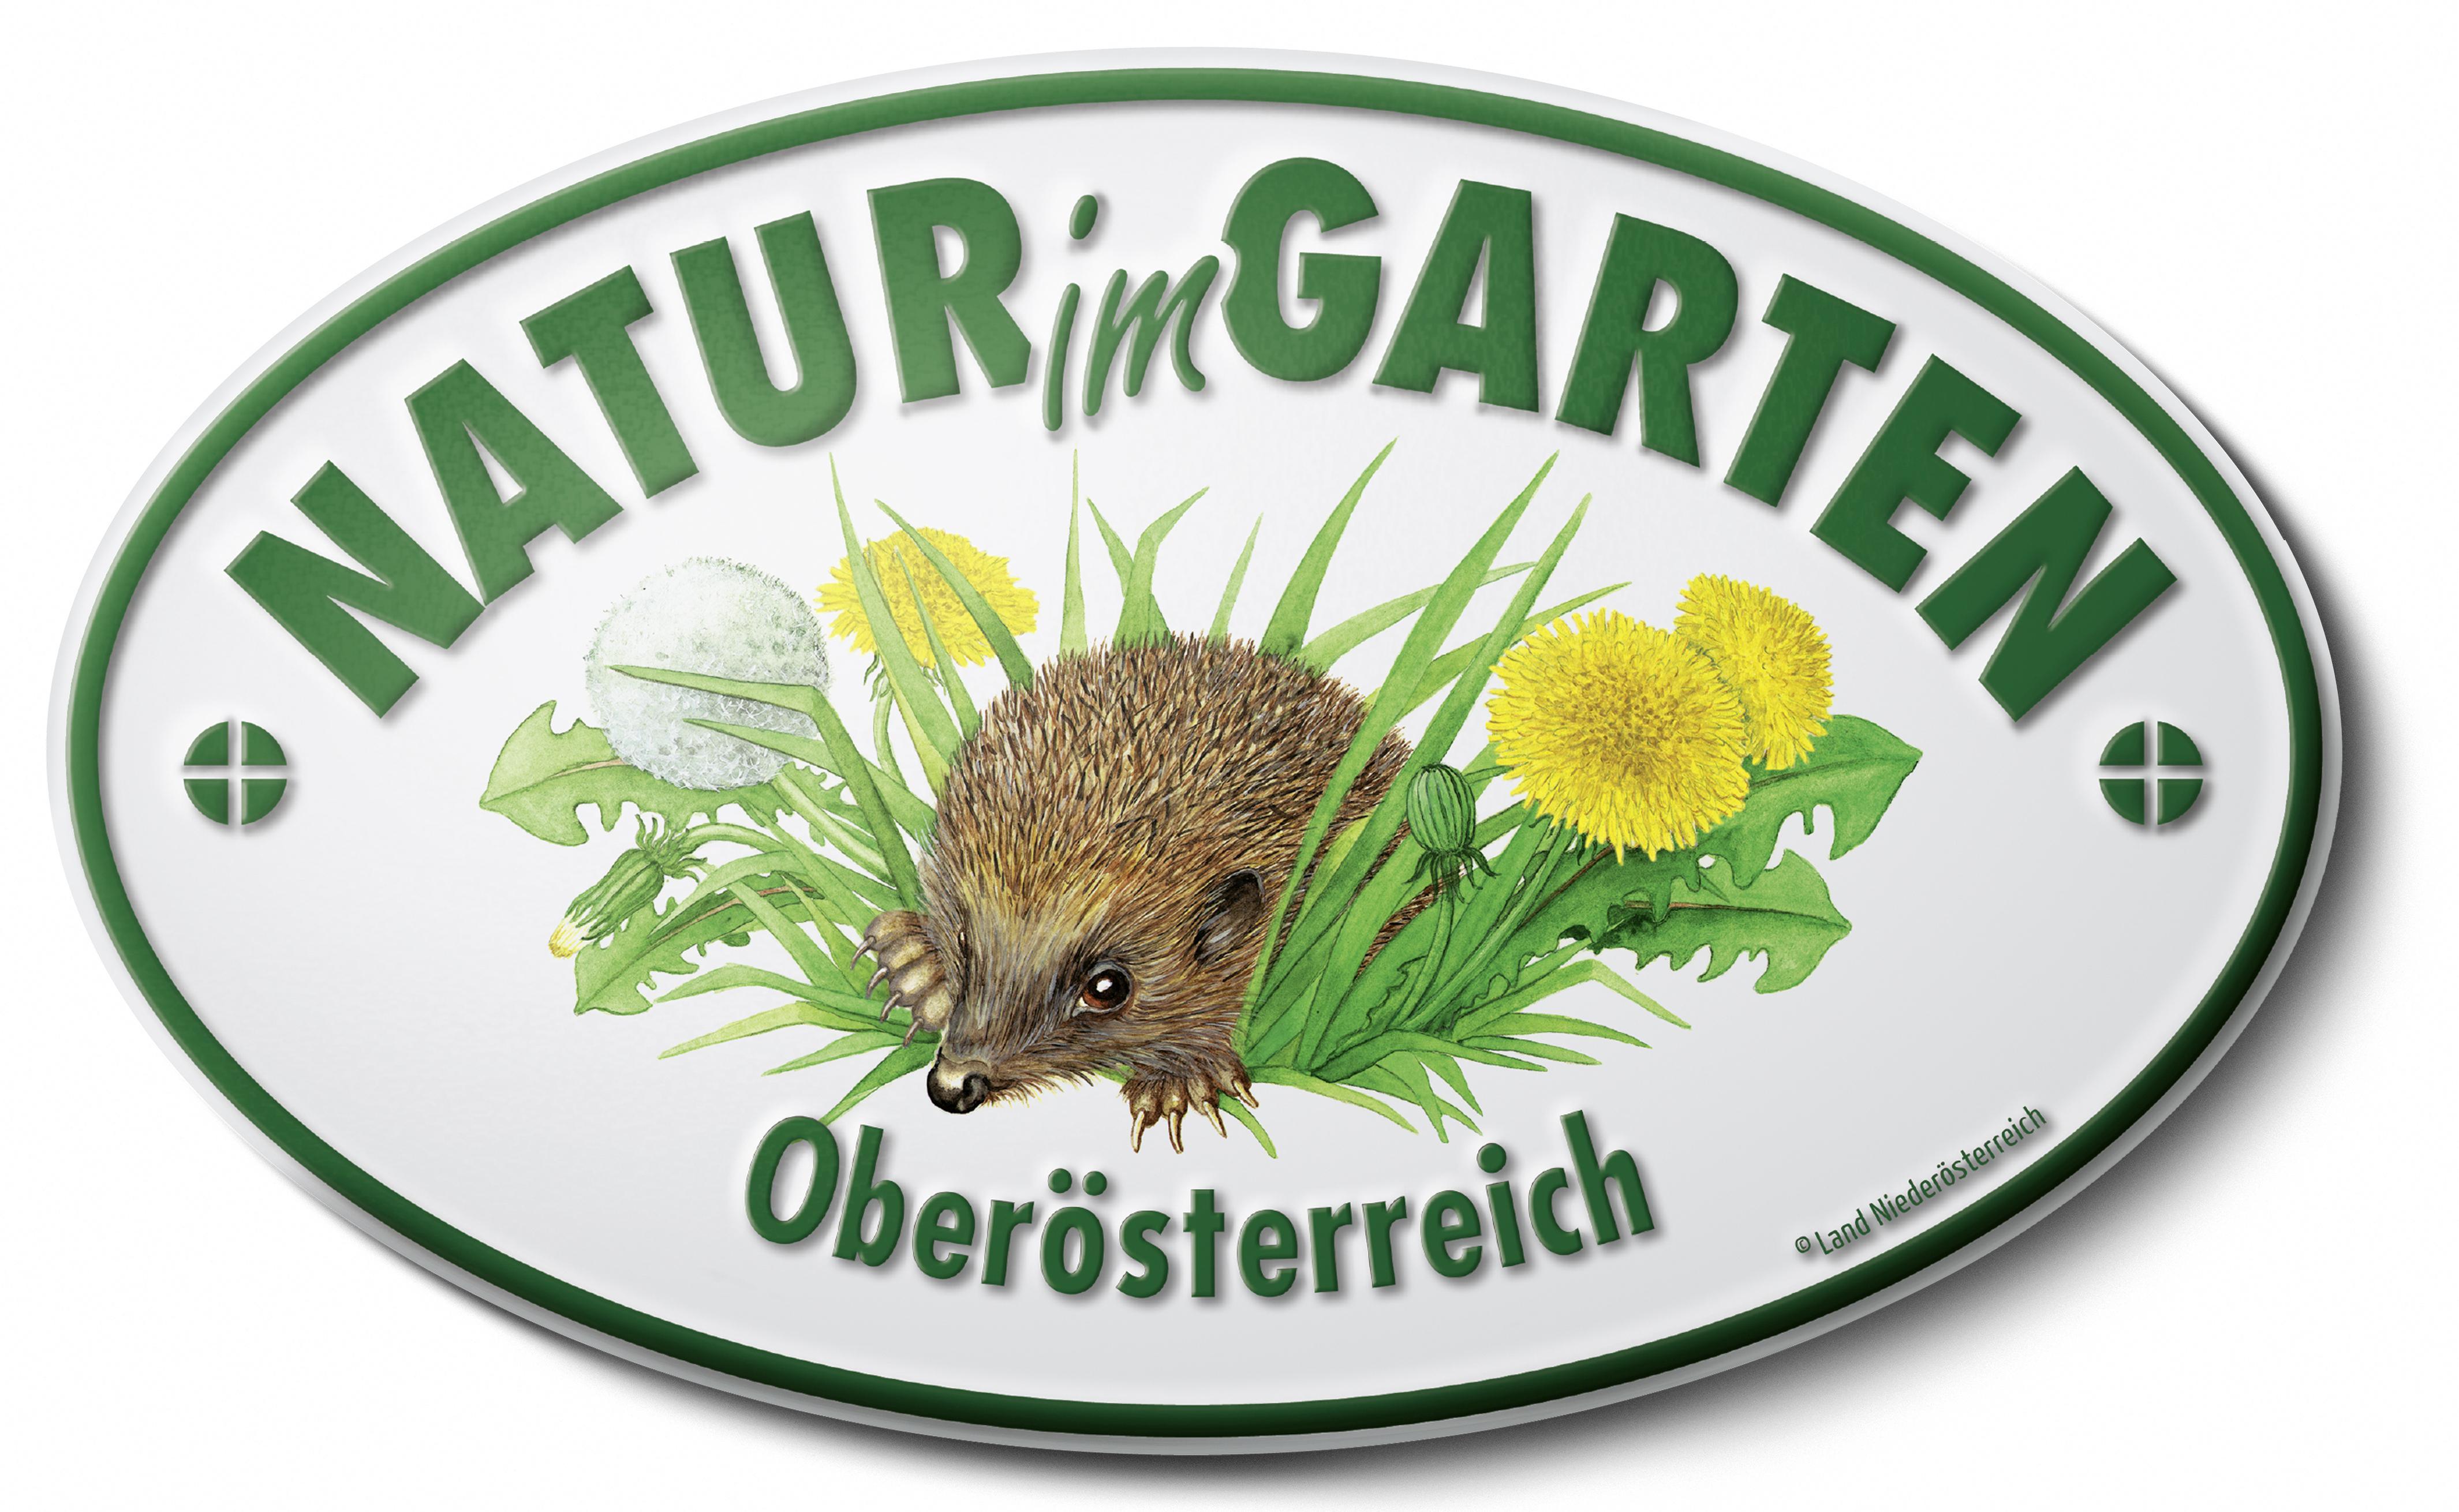 Natur im Garten  Oberösterreich copyright.jpg